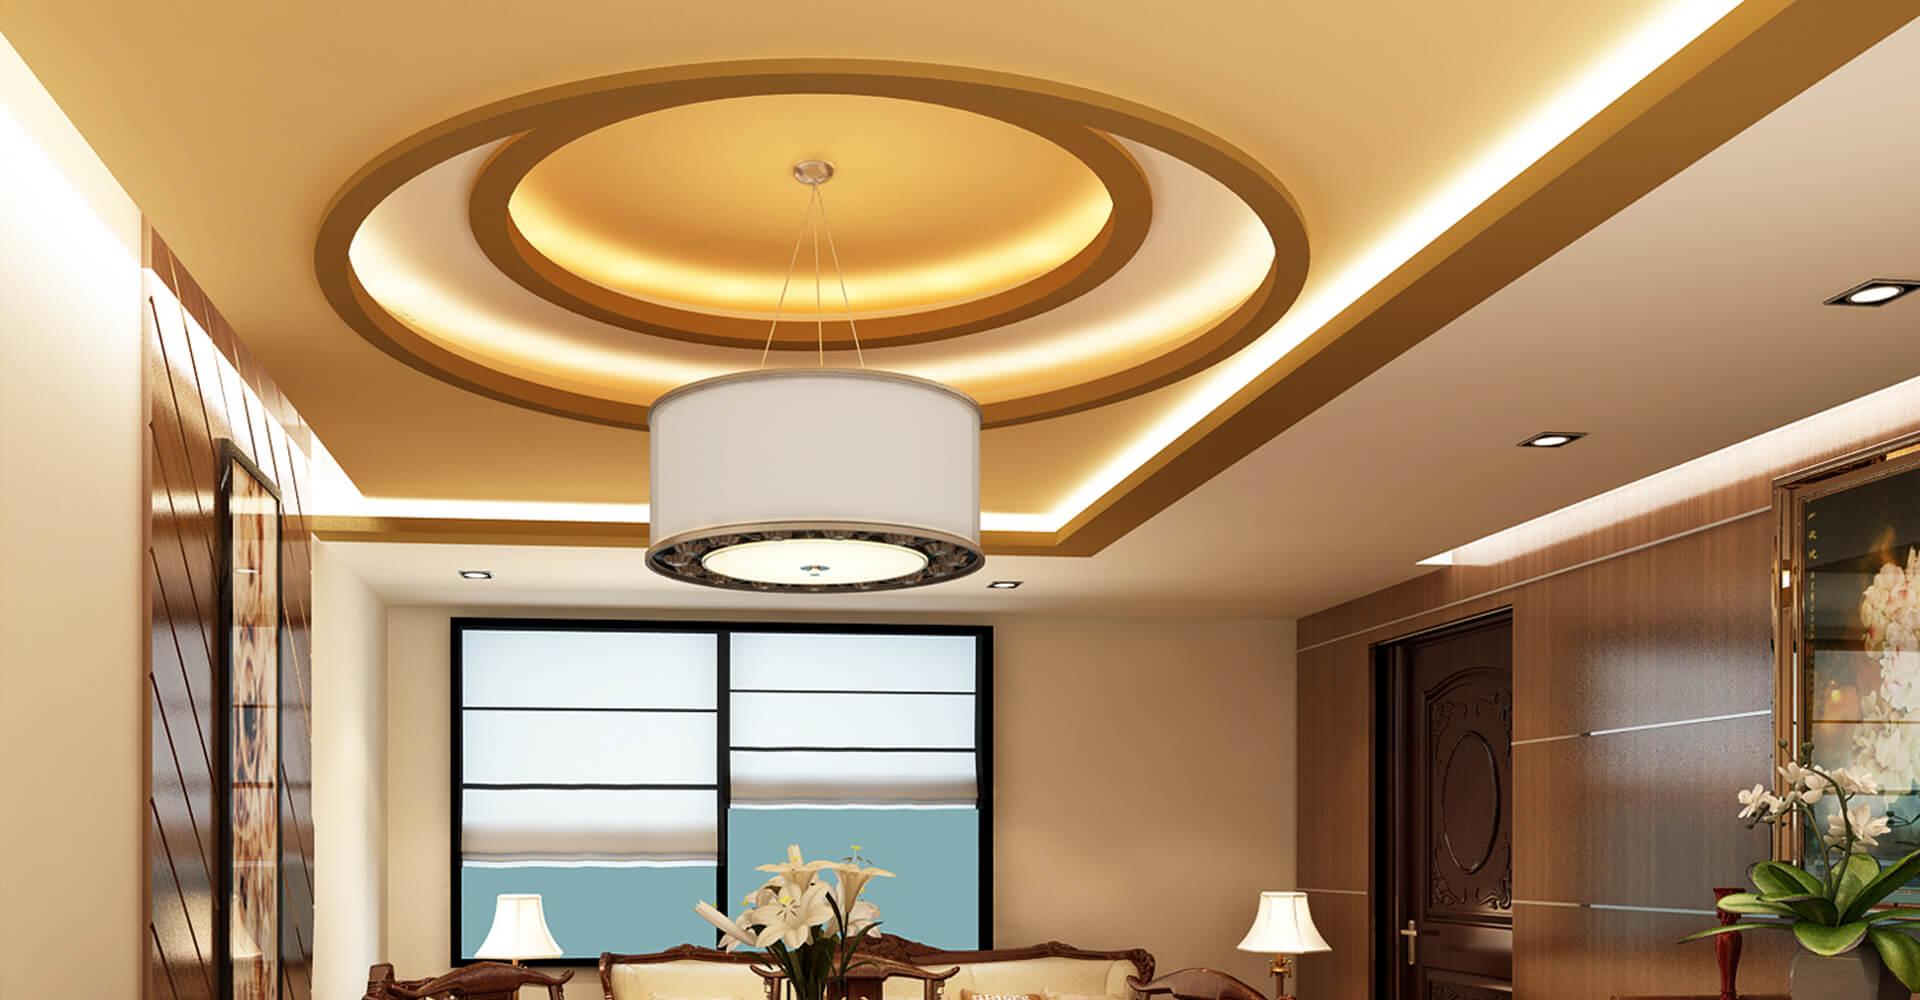 تاثیر سقف در منزل و معرفی انواع سقف در طراحی داخلی